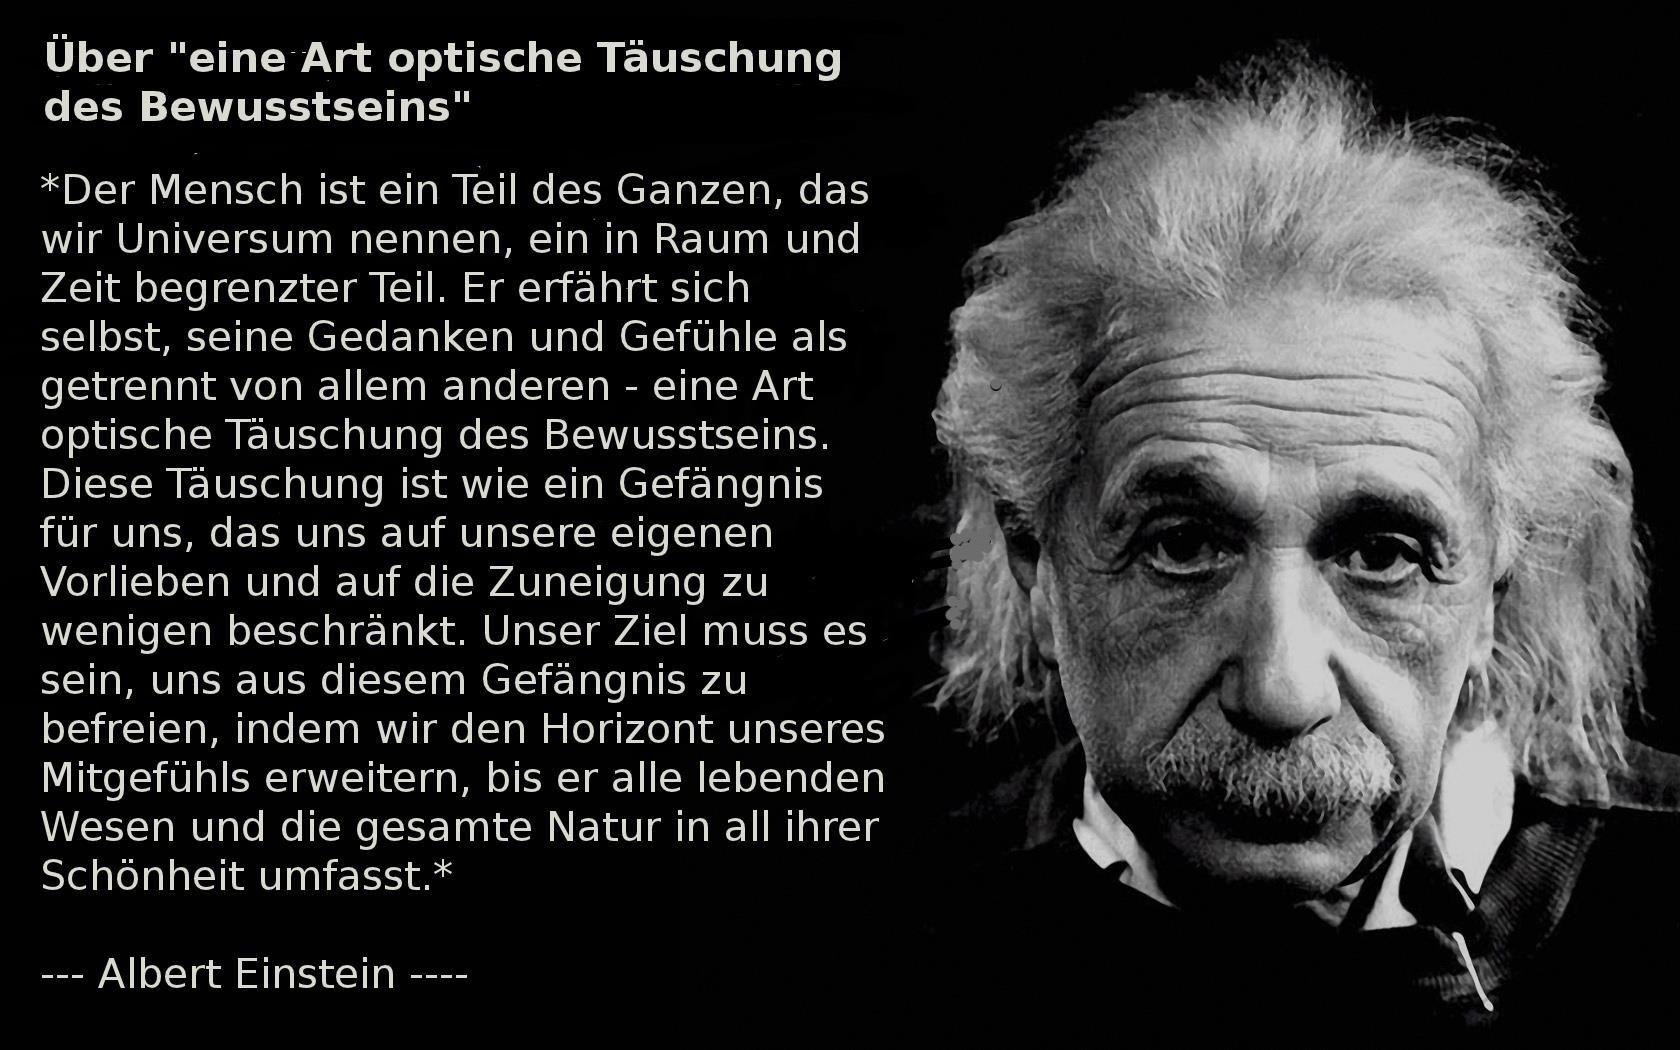 Albert Einstein Uber Eine Art Optische Tauschung Des Bewusstseins Einstein Zitate Albert Einstein Zitate Spruche Einstein